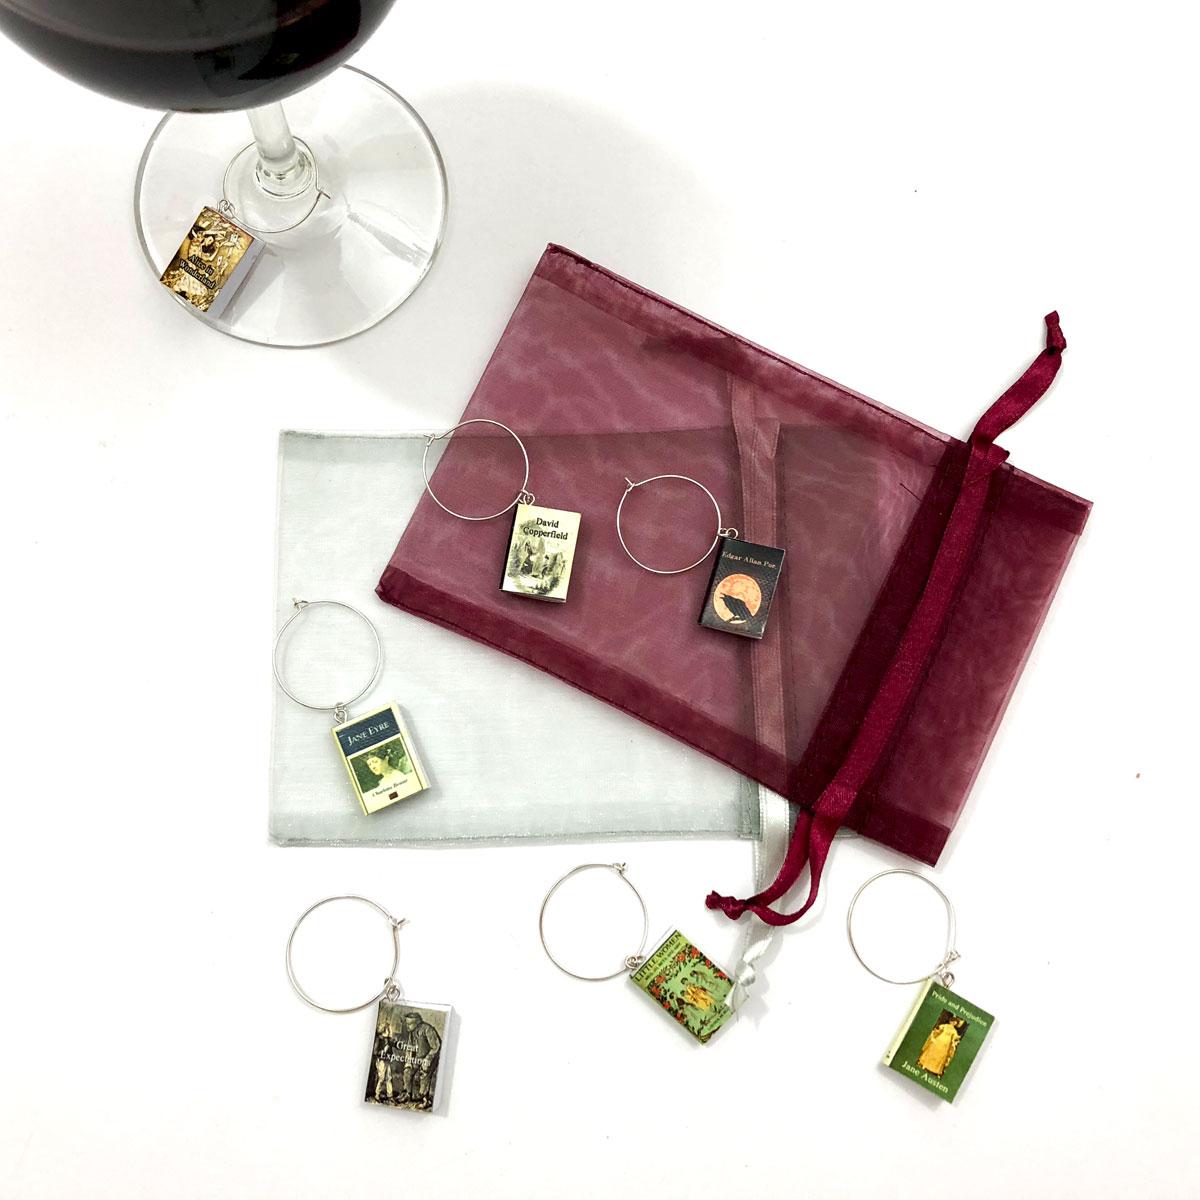 wine-glass-stem-markers